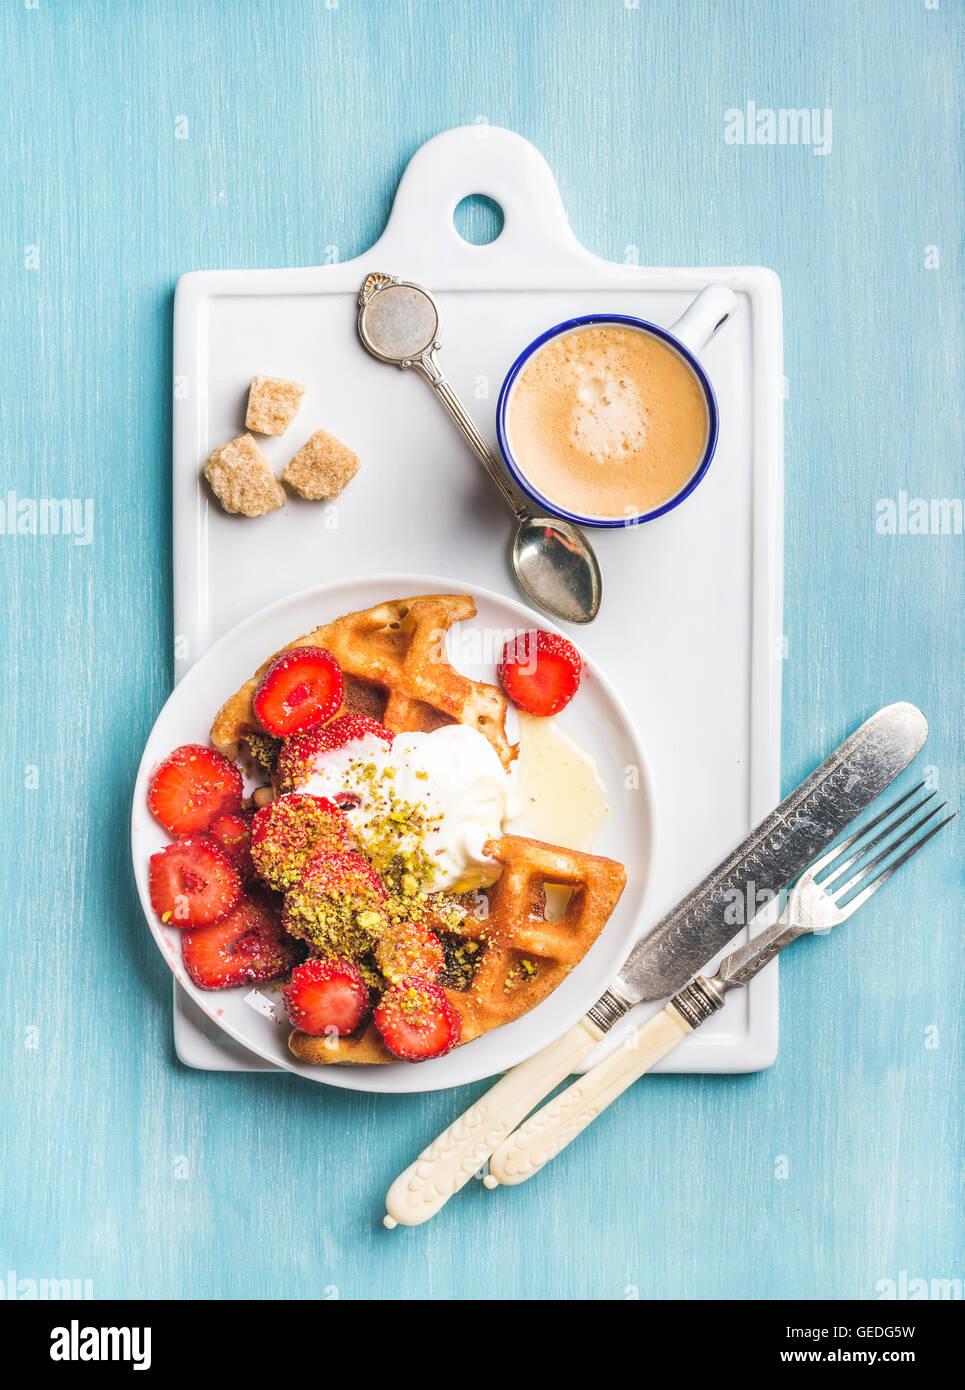 Set colazione. Warm waffles Belgi fatti in casa con panna montata, fragola, sciroppo d'acero, pistacchi tritati, Immagini Stock